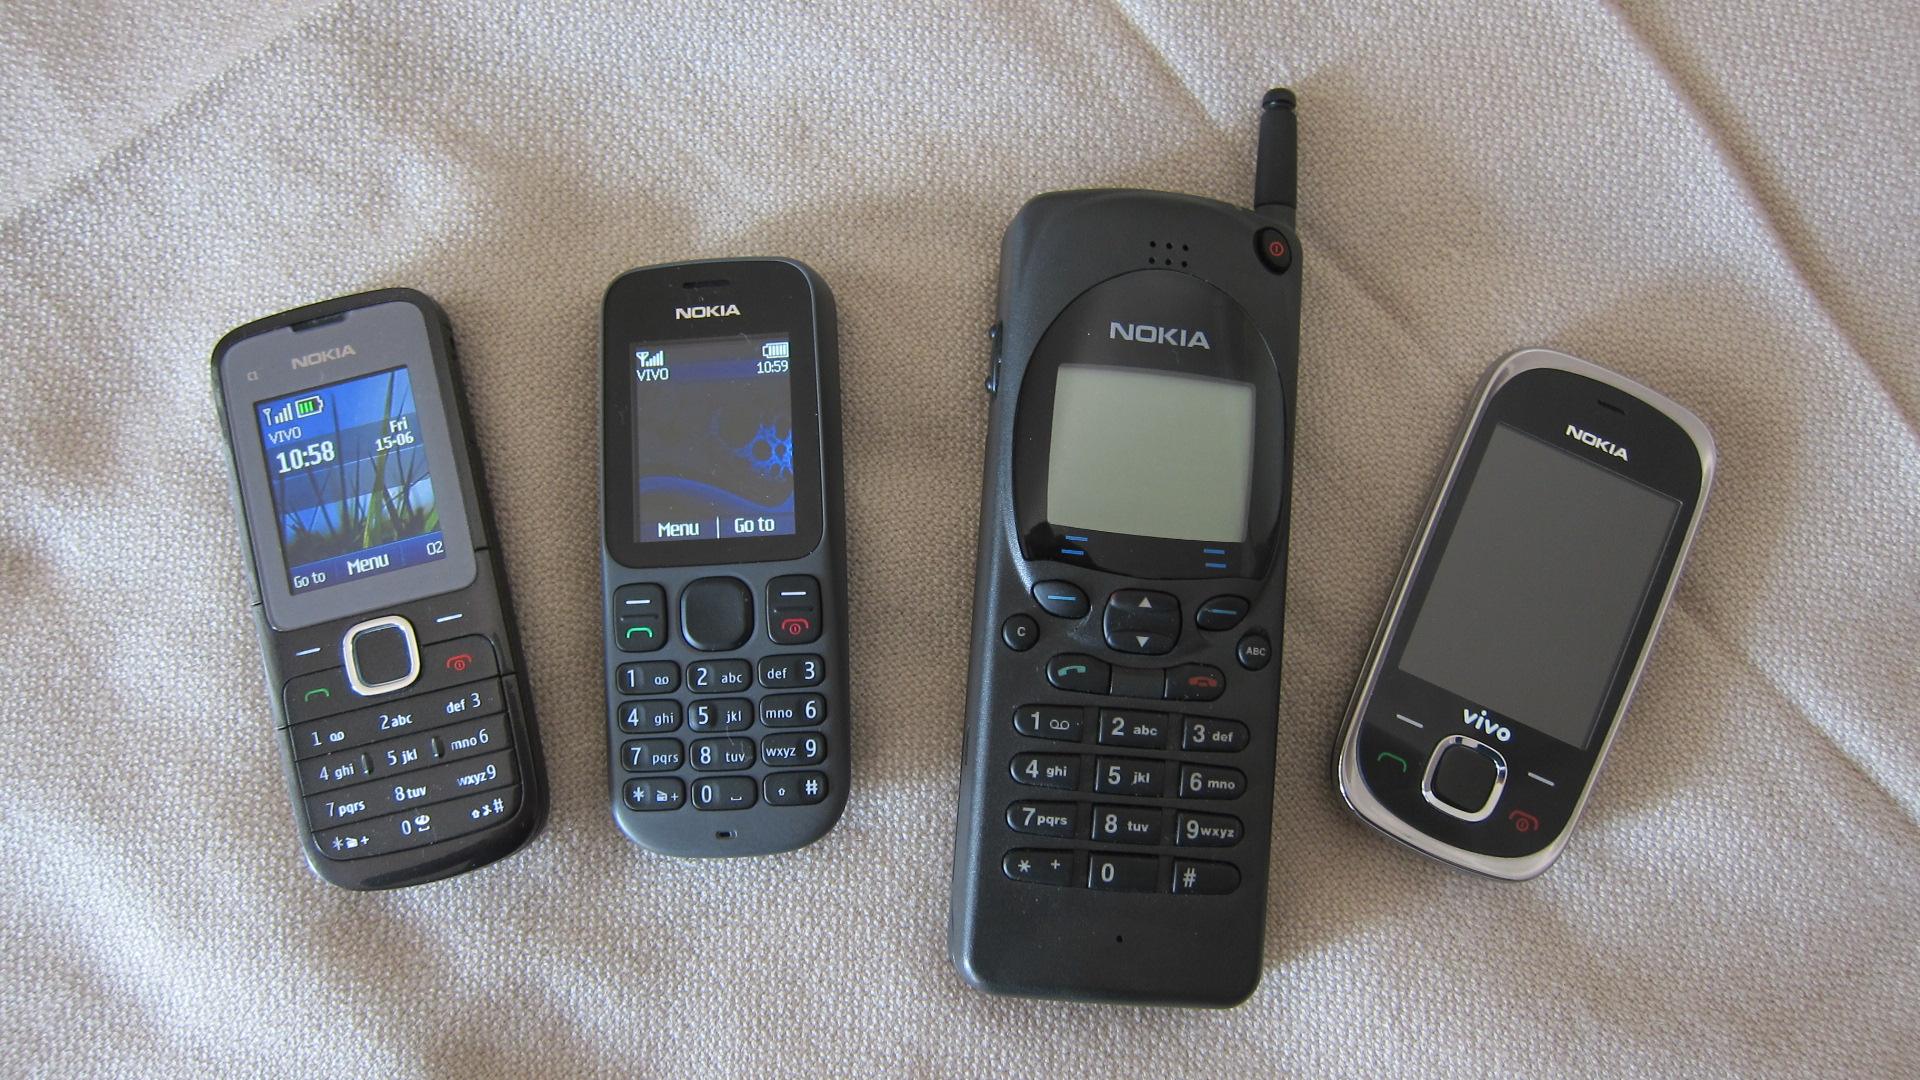 Nokia Suite - Software Informer. Transfer photos Nokia phone photos to pc